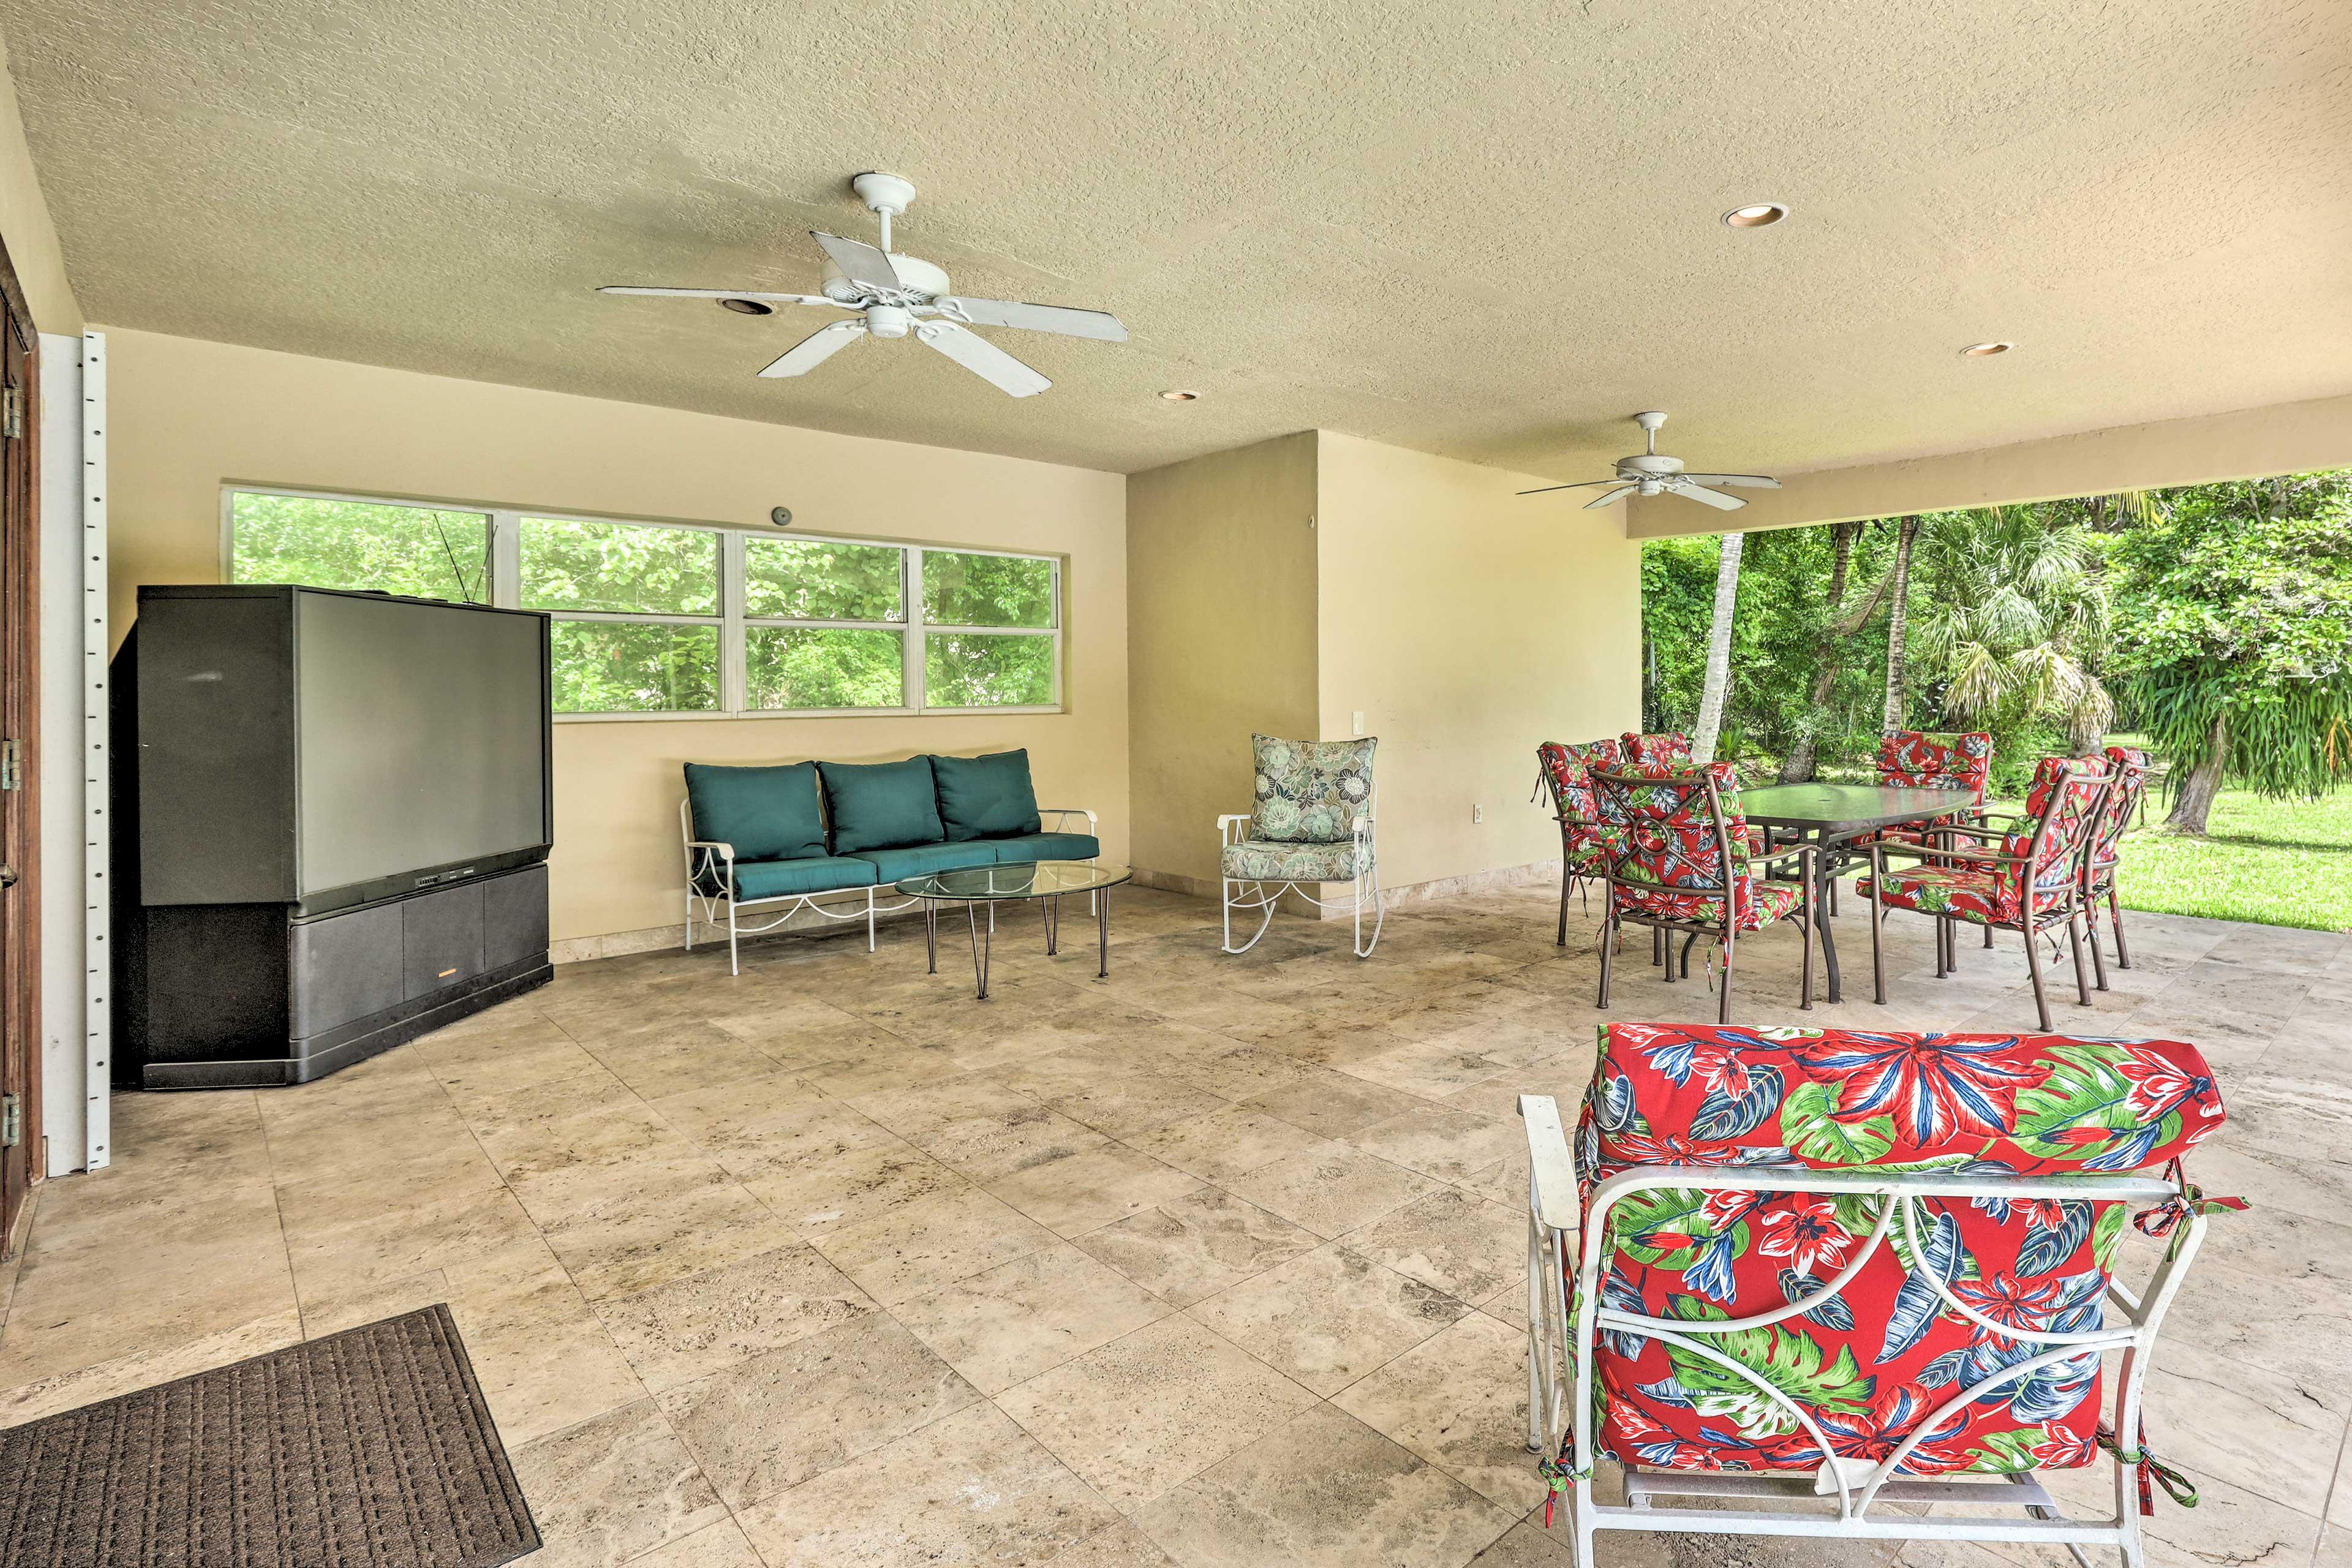 The spacious patio area has a TV.